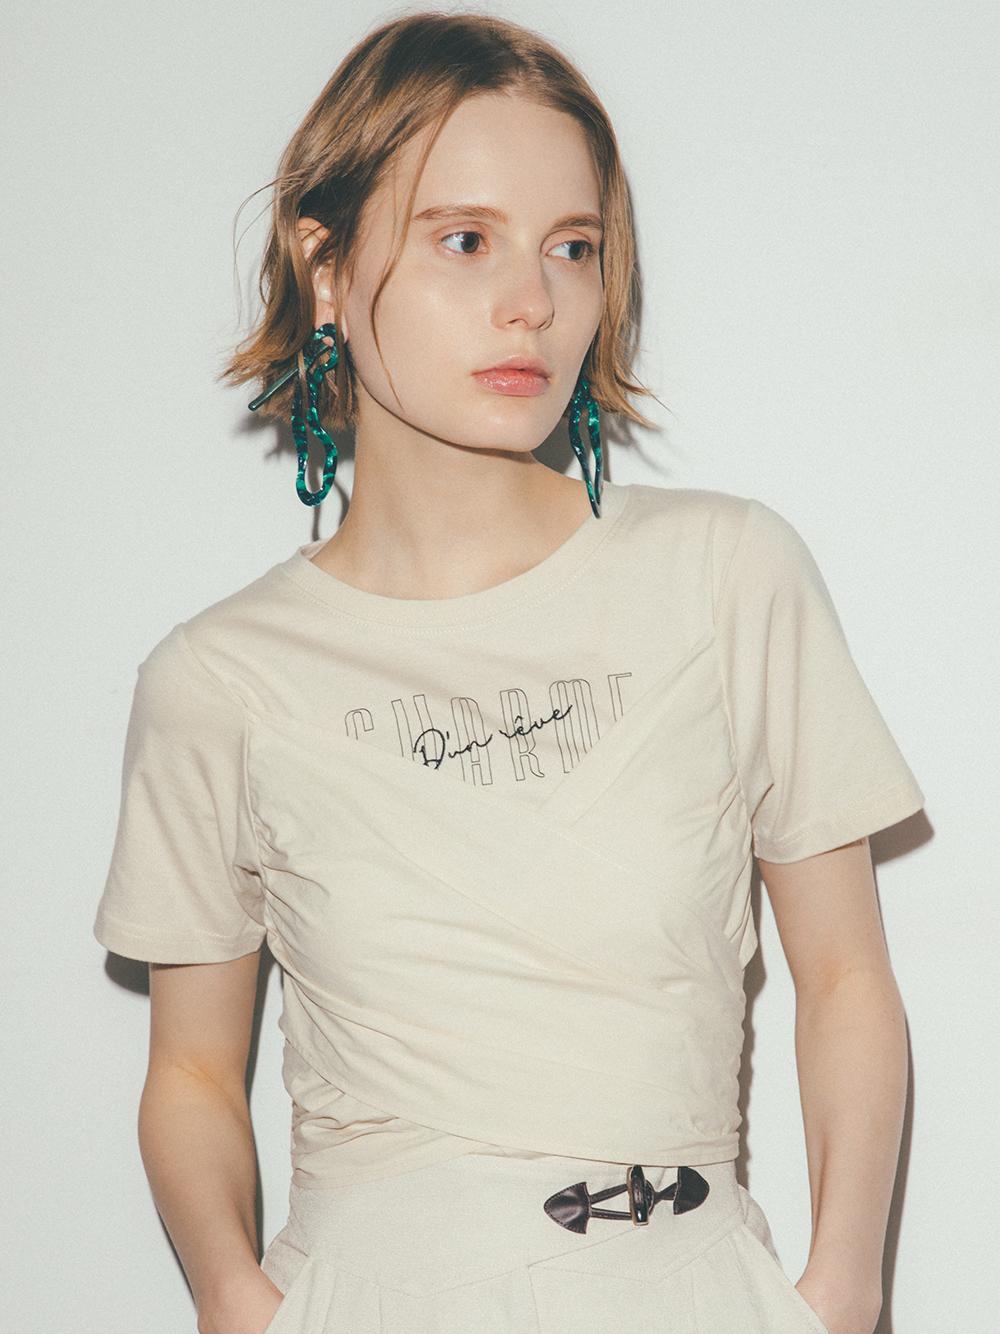 ビスチェドッキングロゴTシャツ(IVR-F)